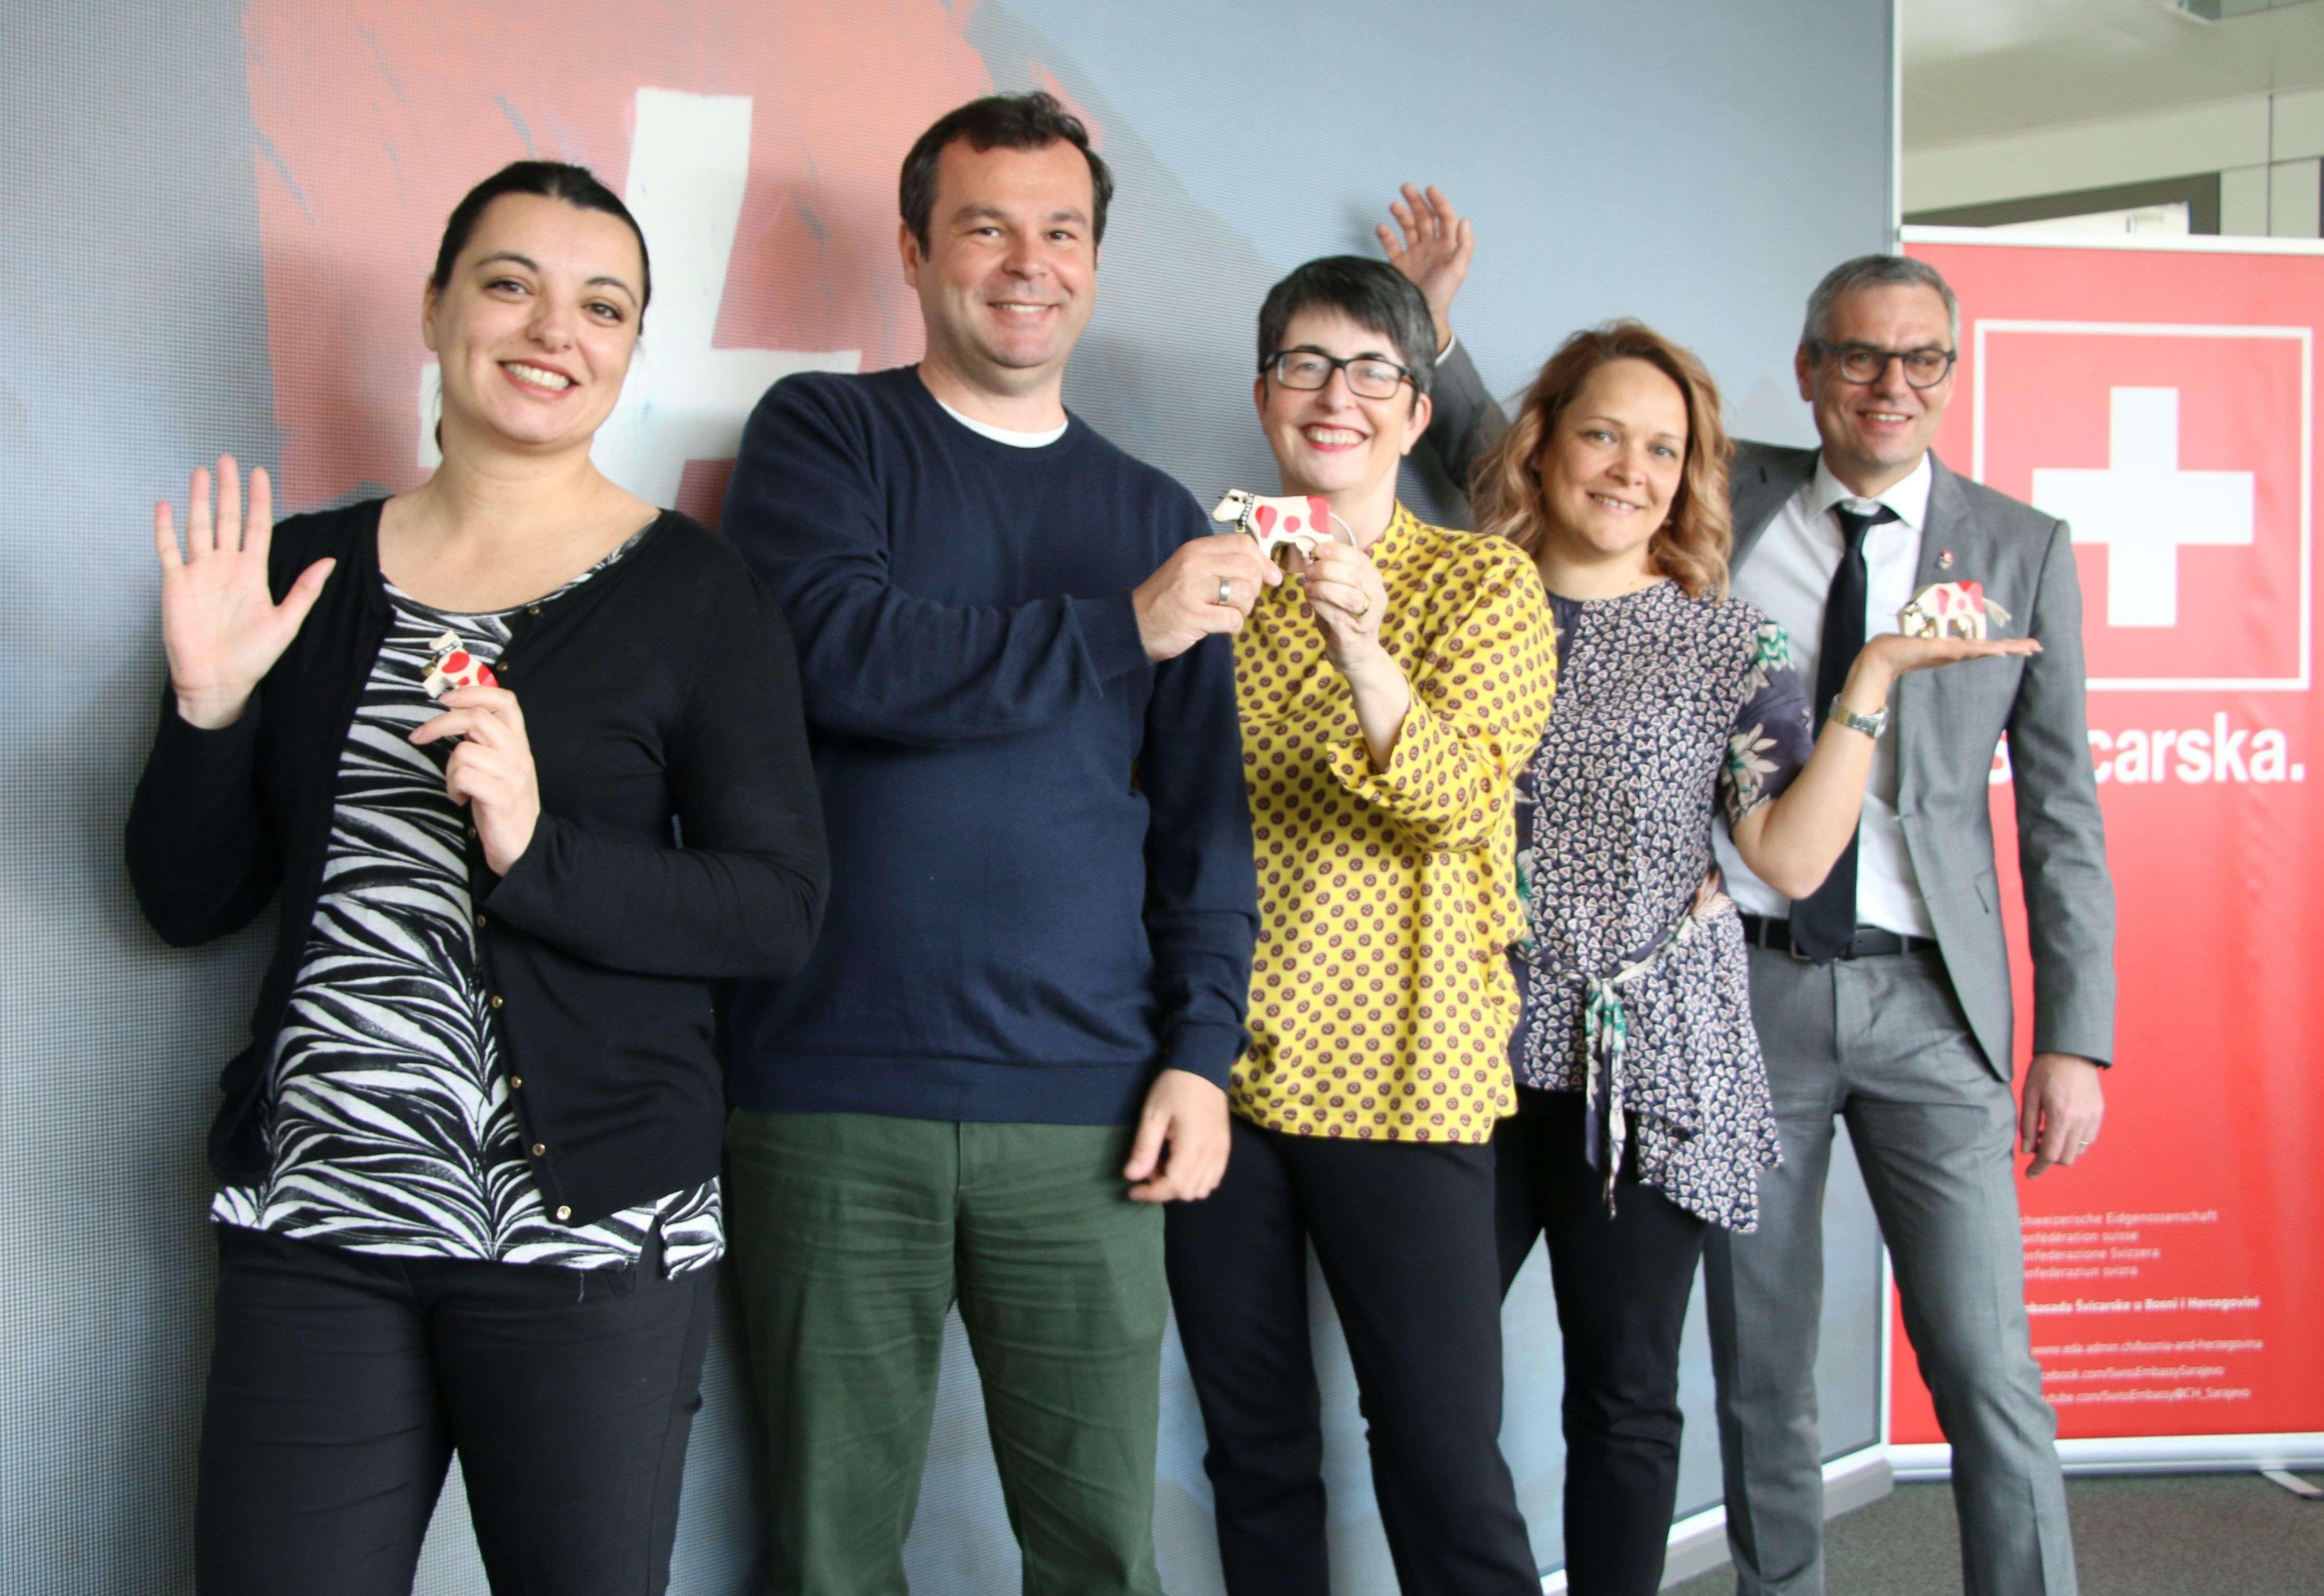 Švicarska ulaže u mlade koji se zalažu za promjene u BiH